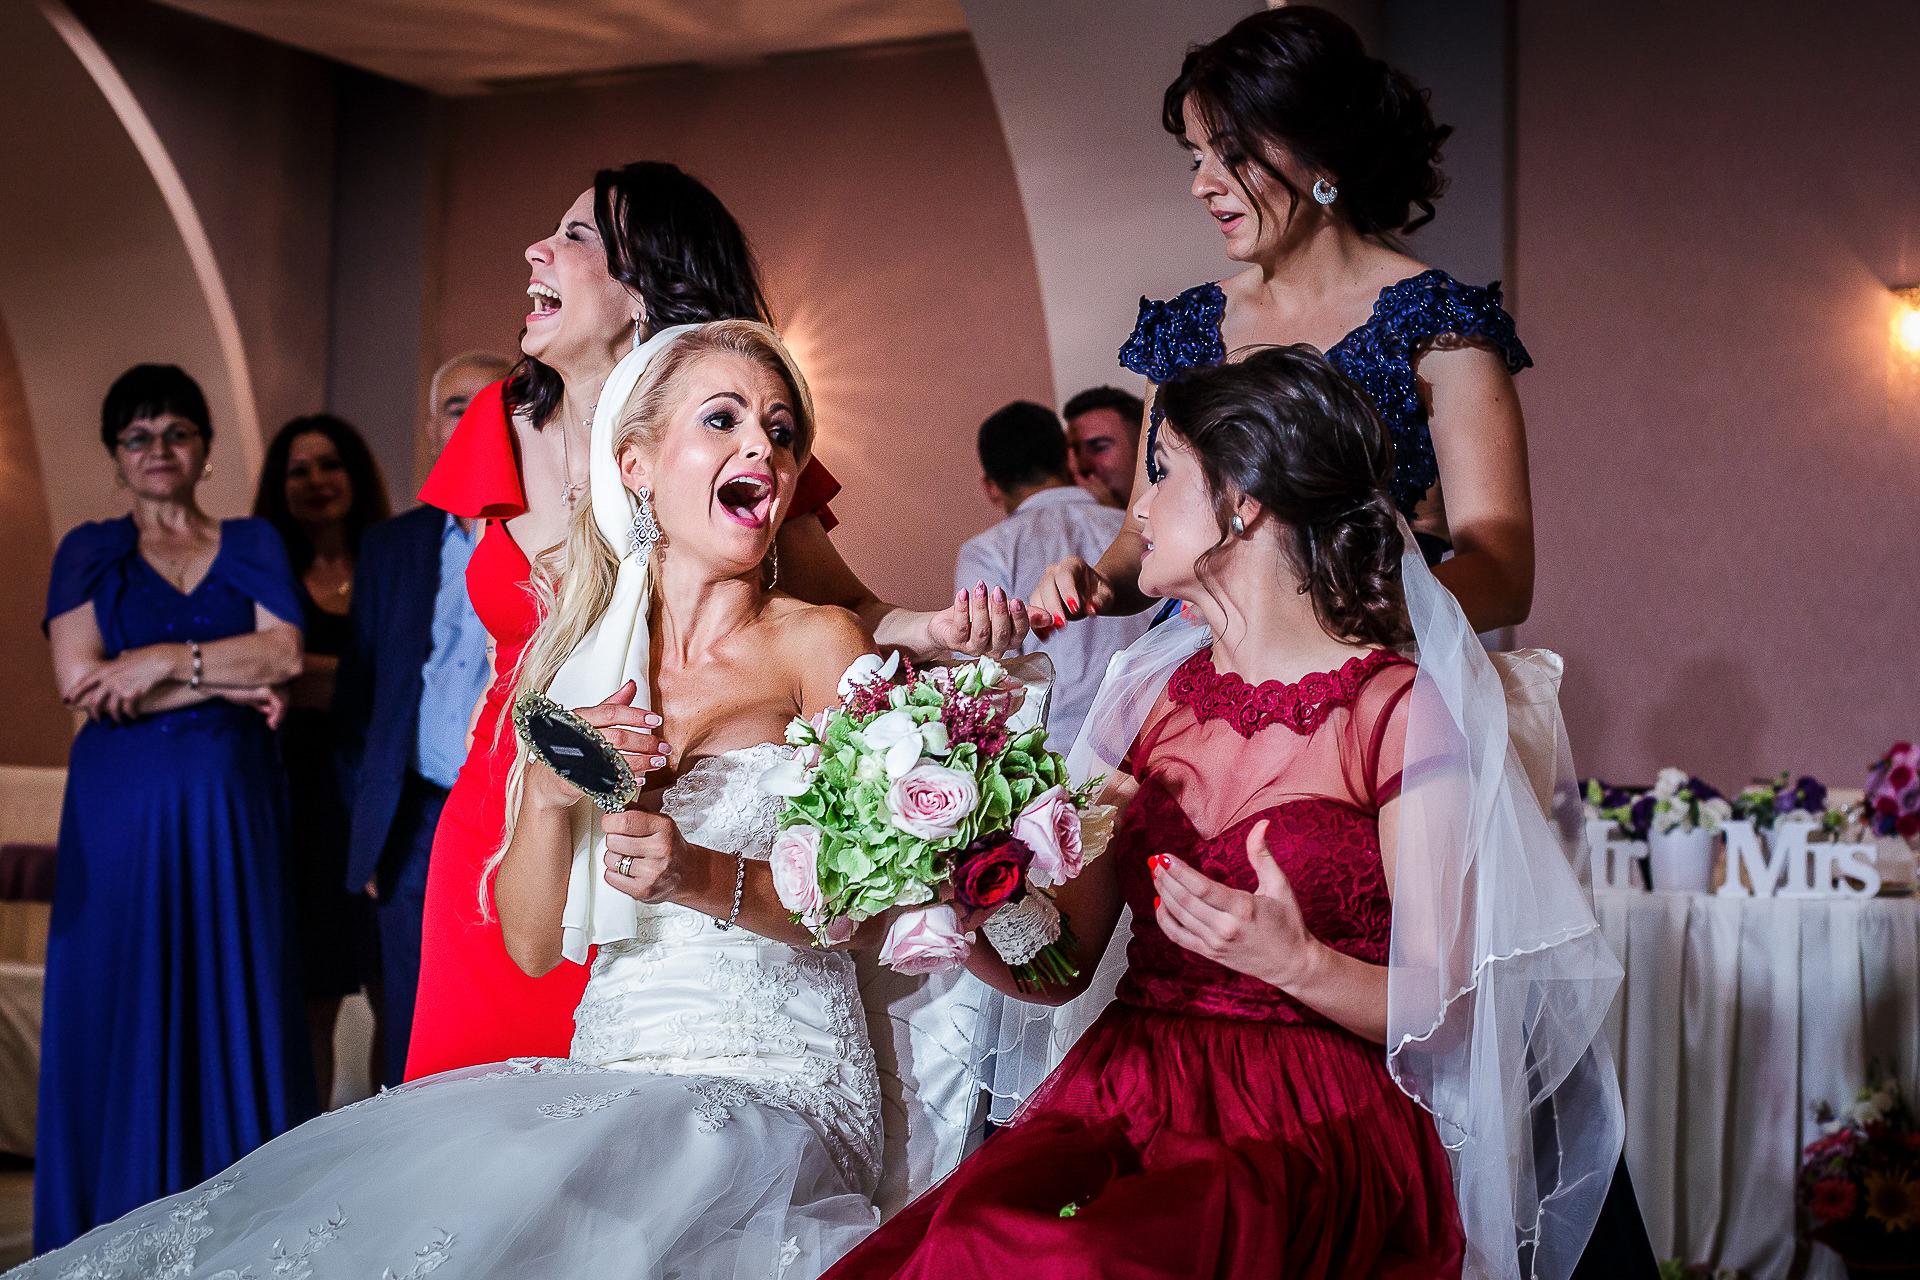 Fotograf nuntă Bucureşti - Biserica Militara Sfântul Mina + Metropolitan Club and Events - Marinela şi Pasquale - Mihai Zaharia Photography - 95